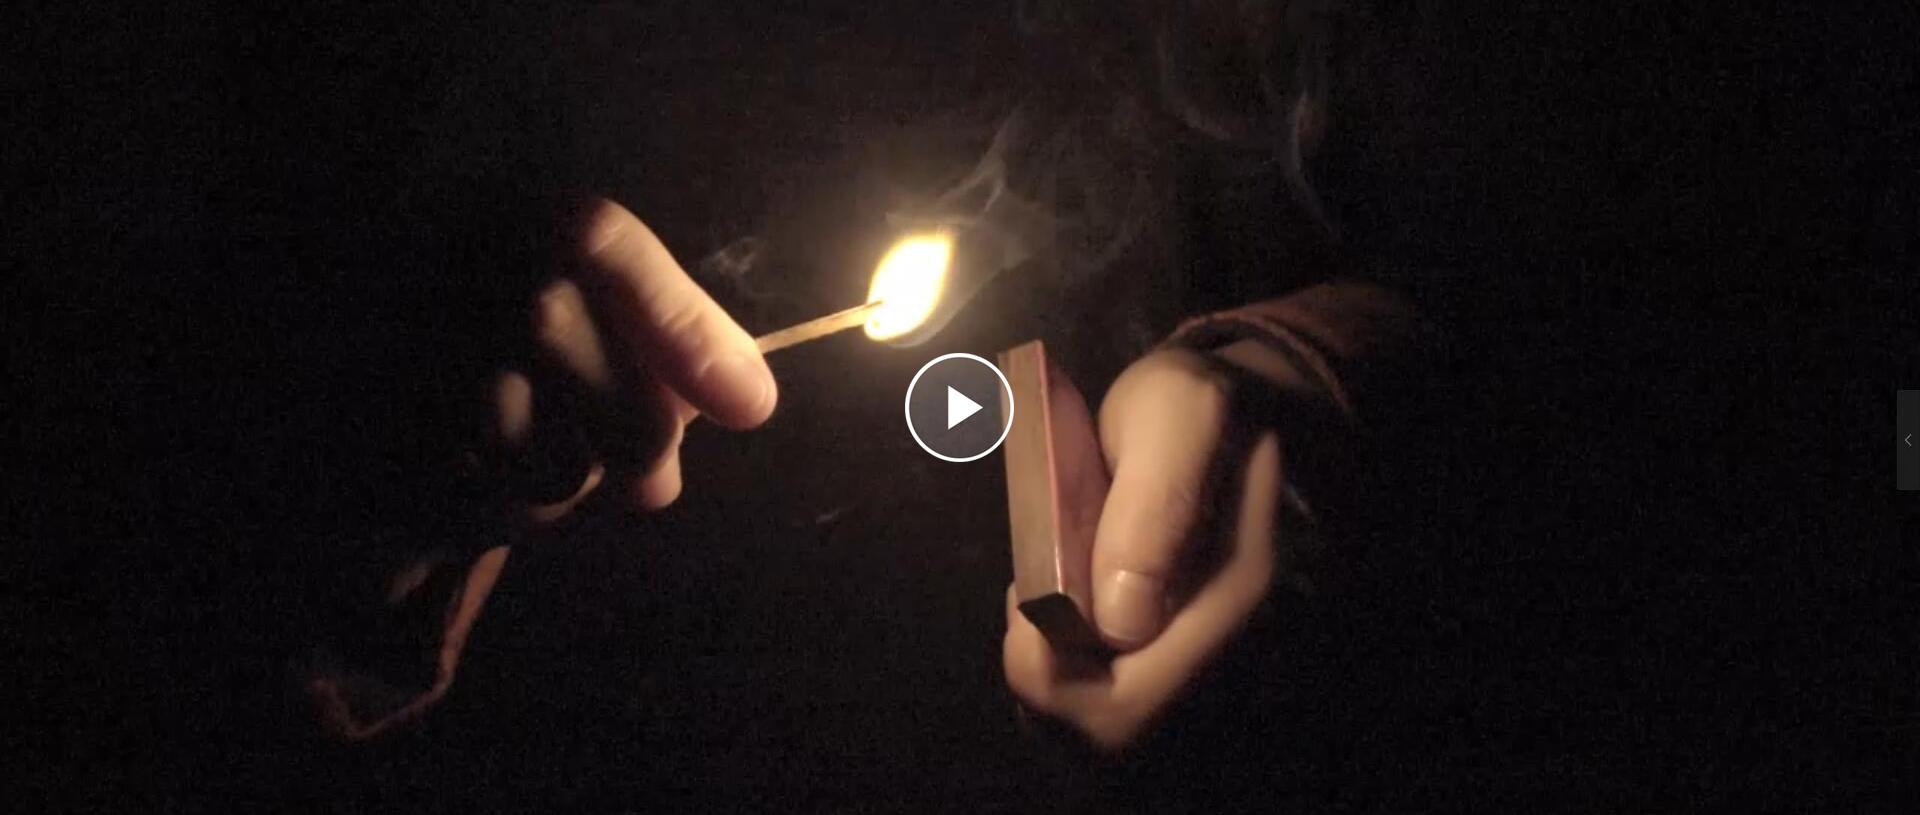 视频封面0031